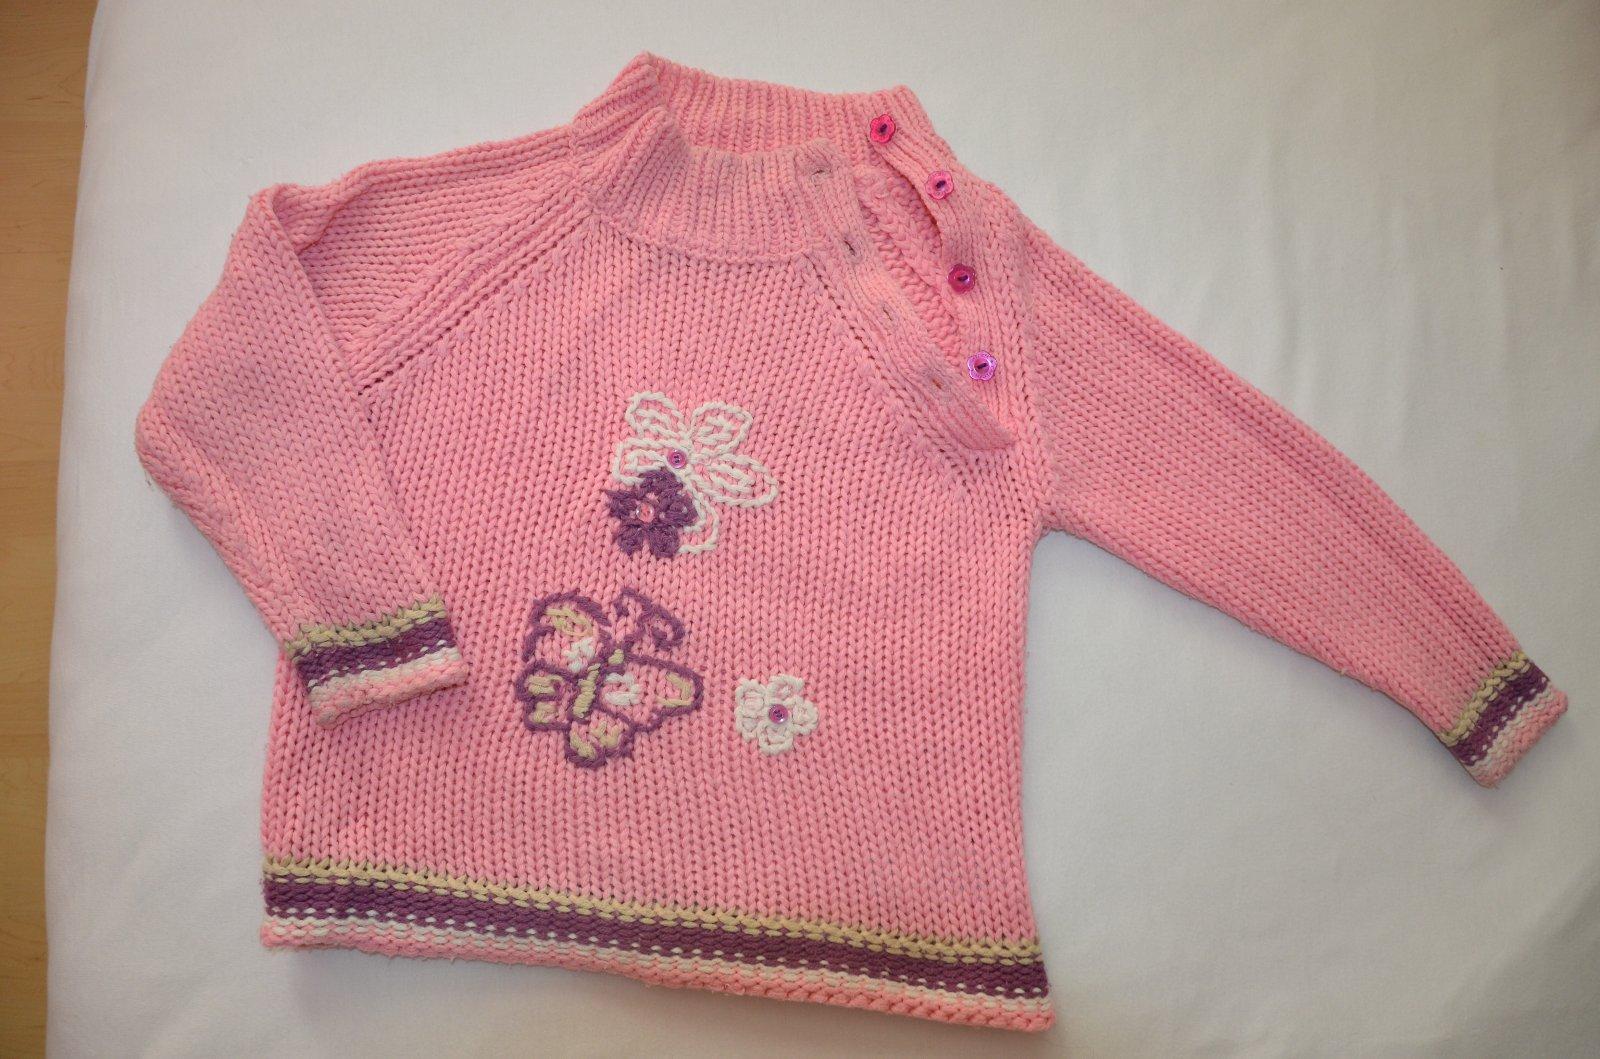 d0d10d1b9ce6 Dievčenský pletený sveter - dlhý rukáv